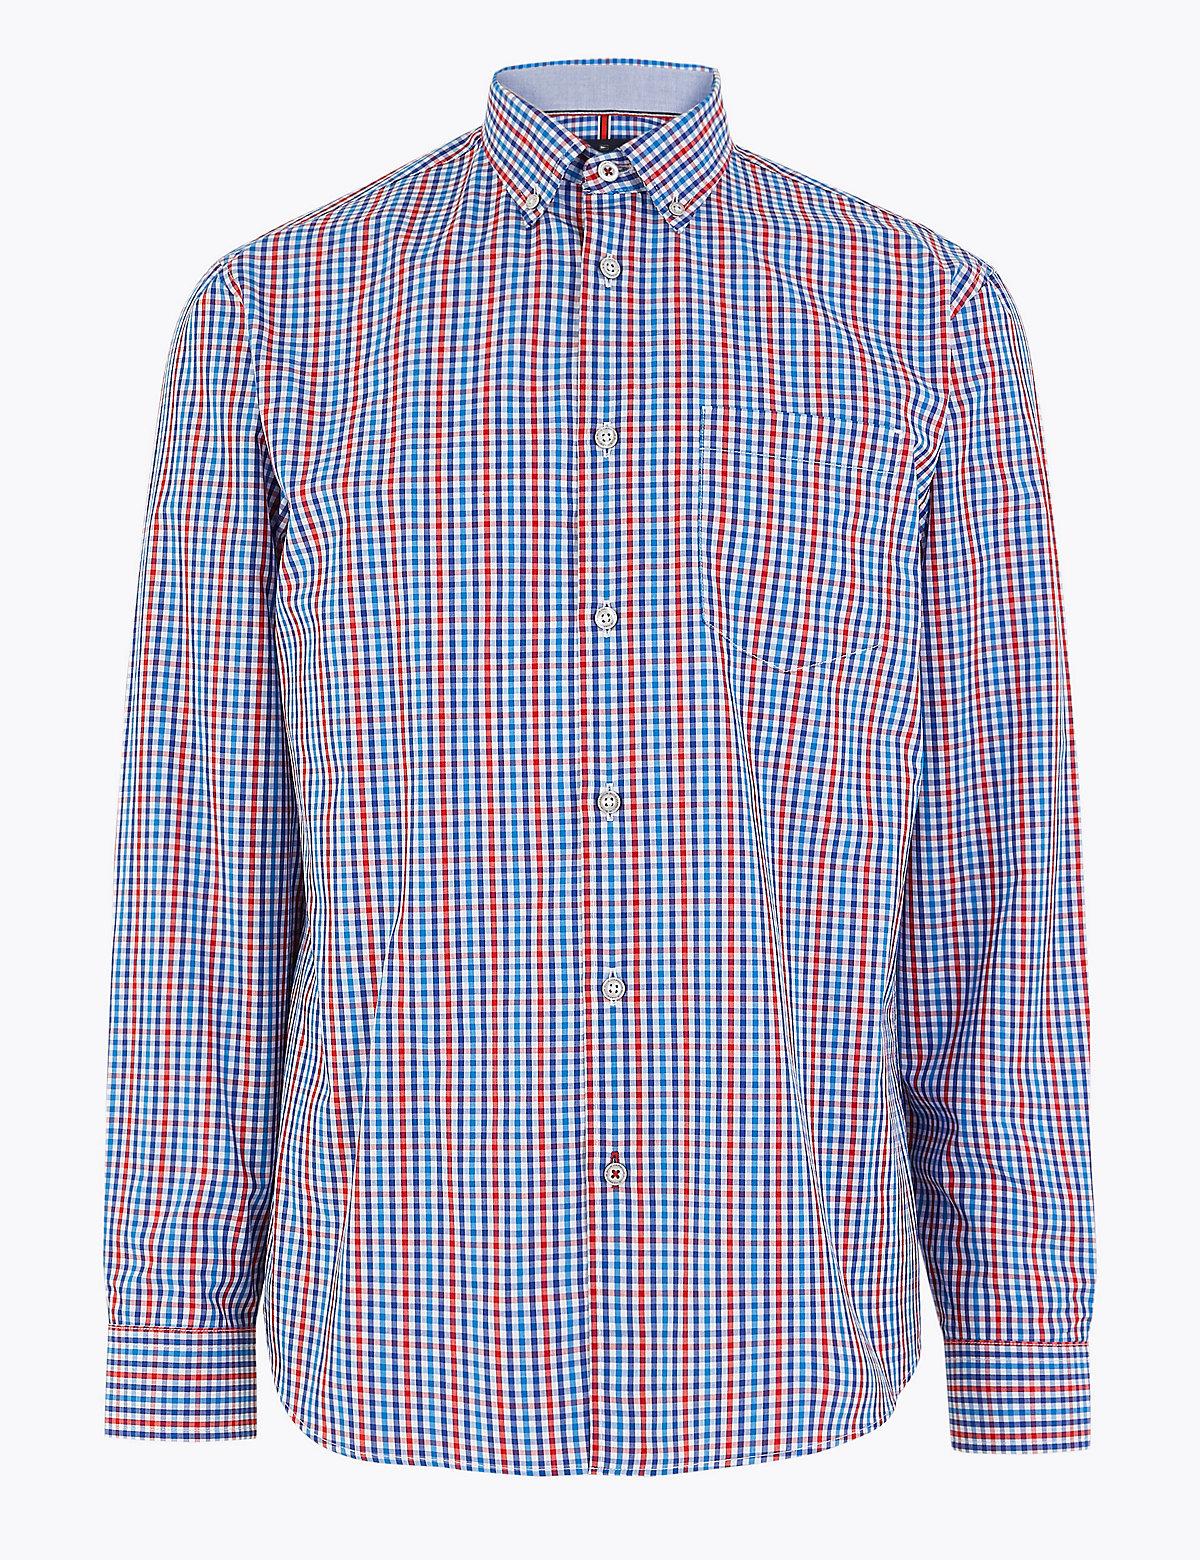 Хлопковая мужская рубашка в яркую клеточку